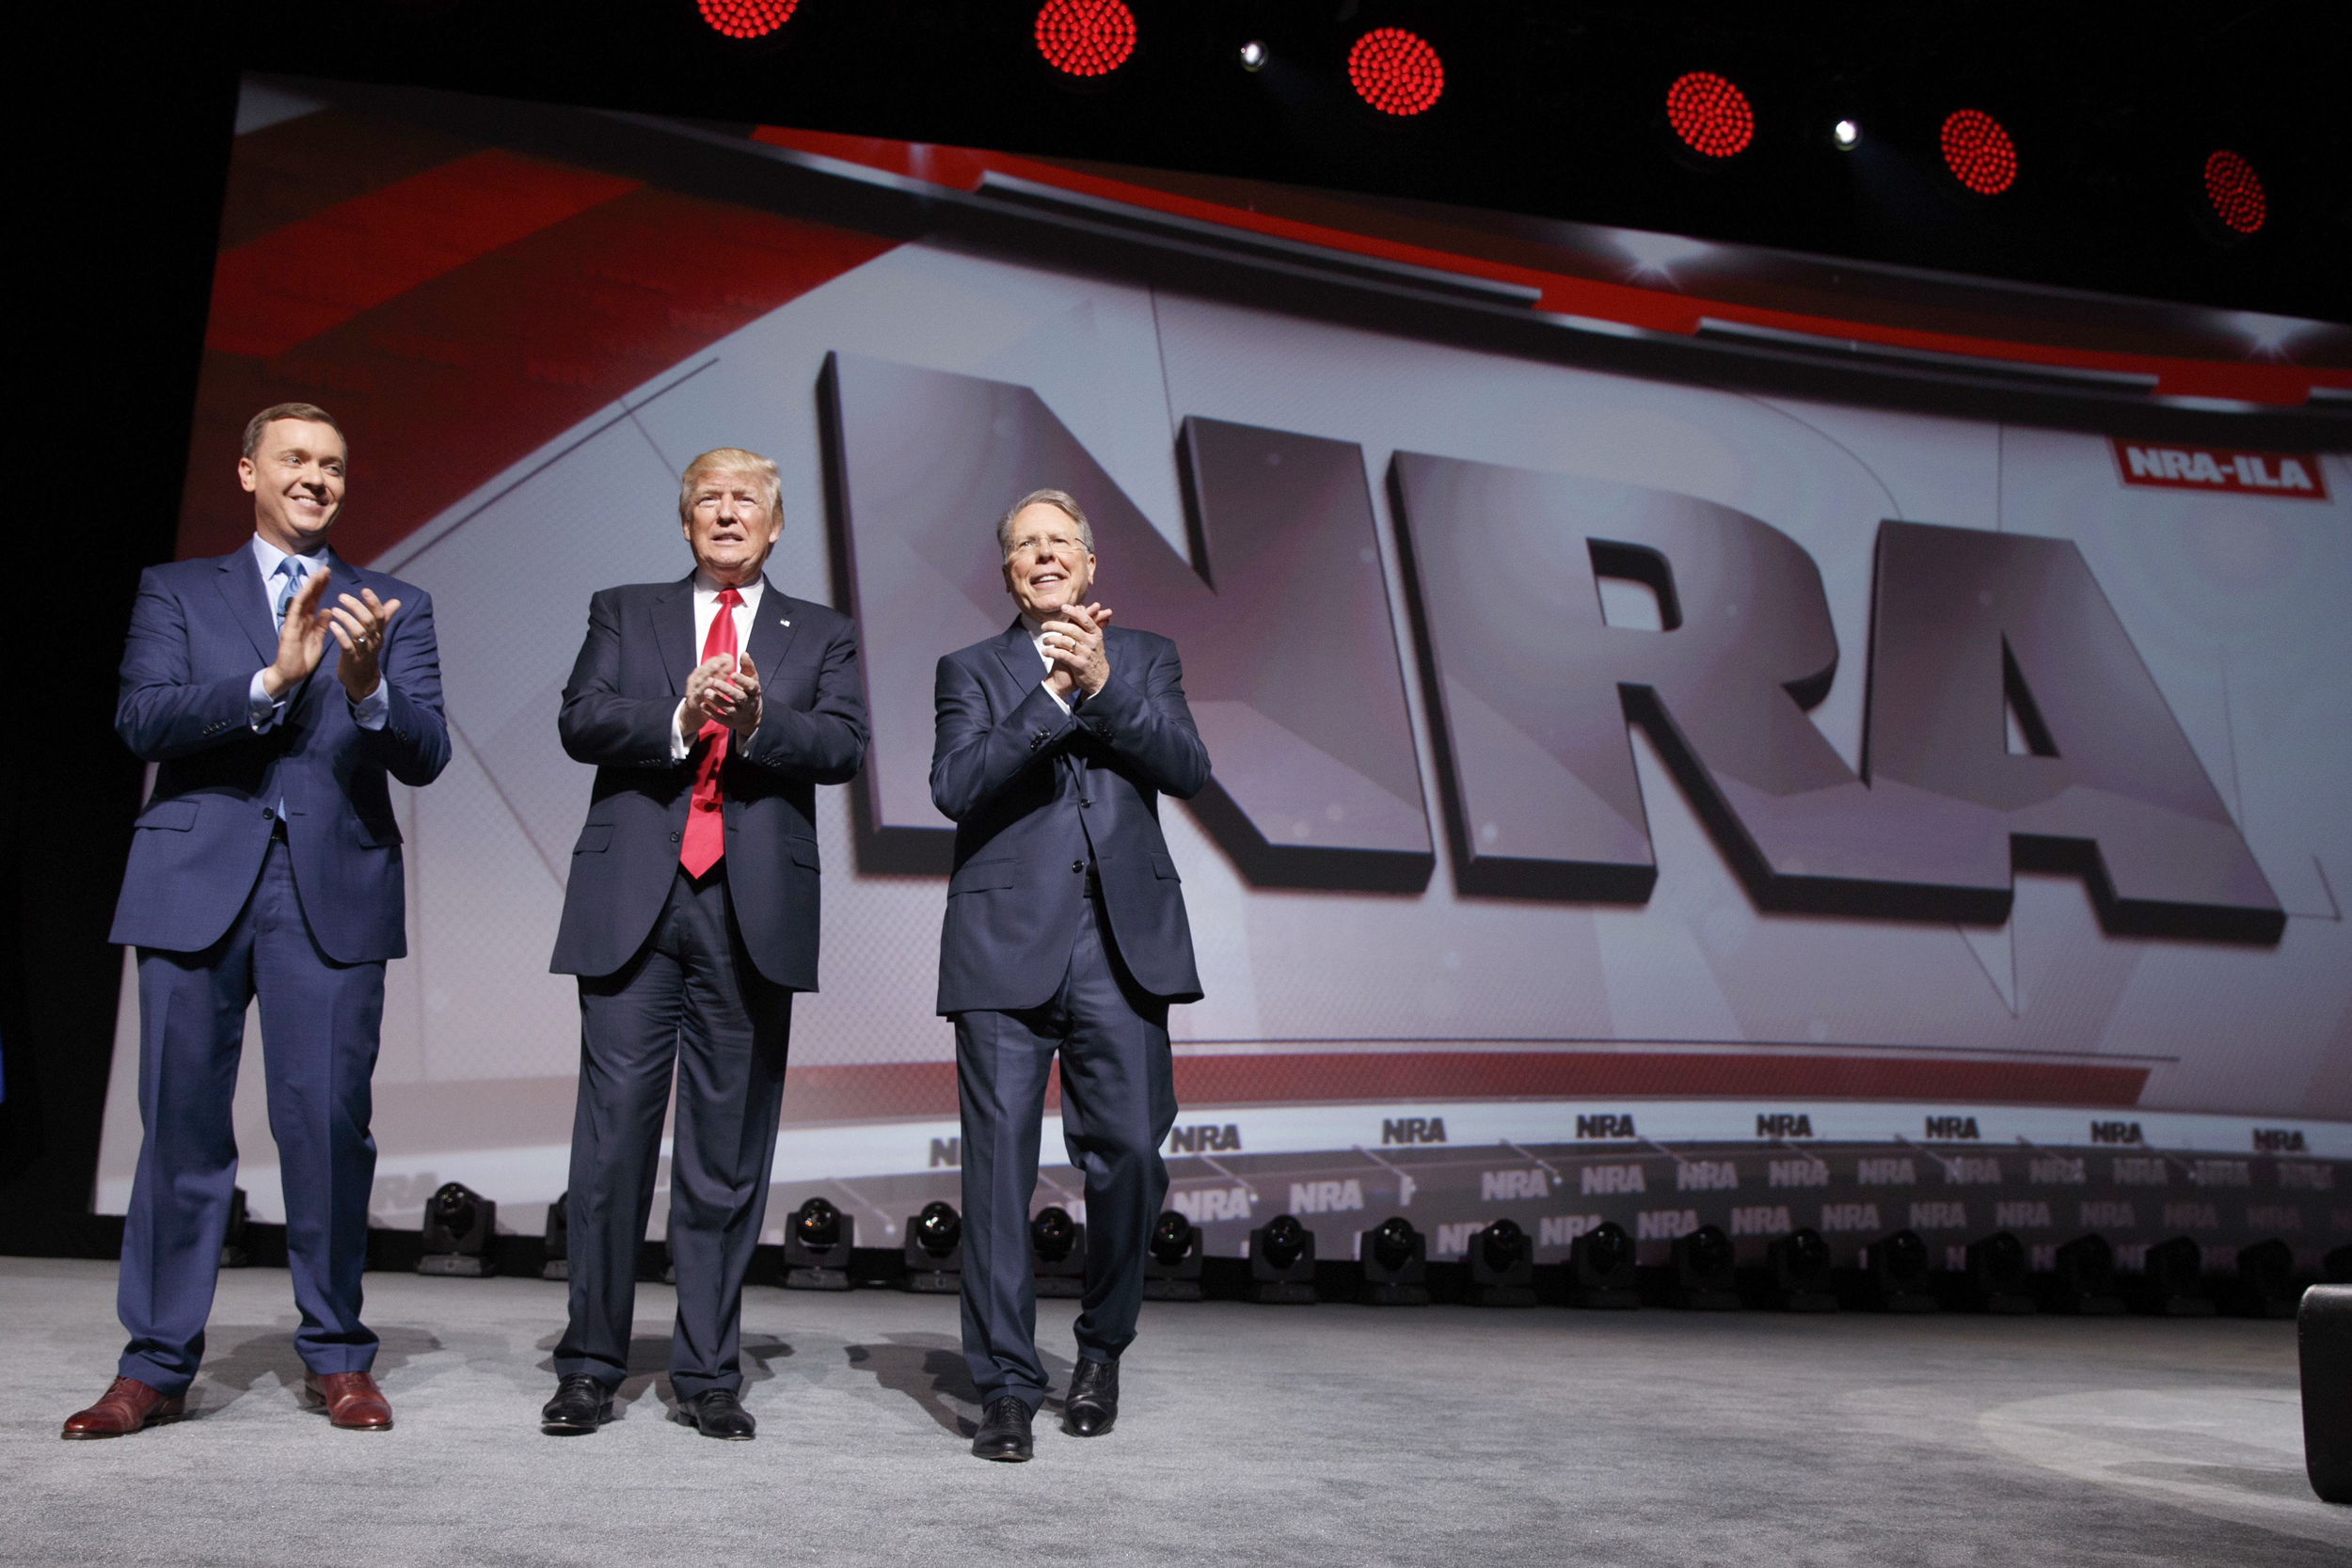 Image: Donald Trump, Chris Cox, Wayne LaPierre at NRA Event